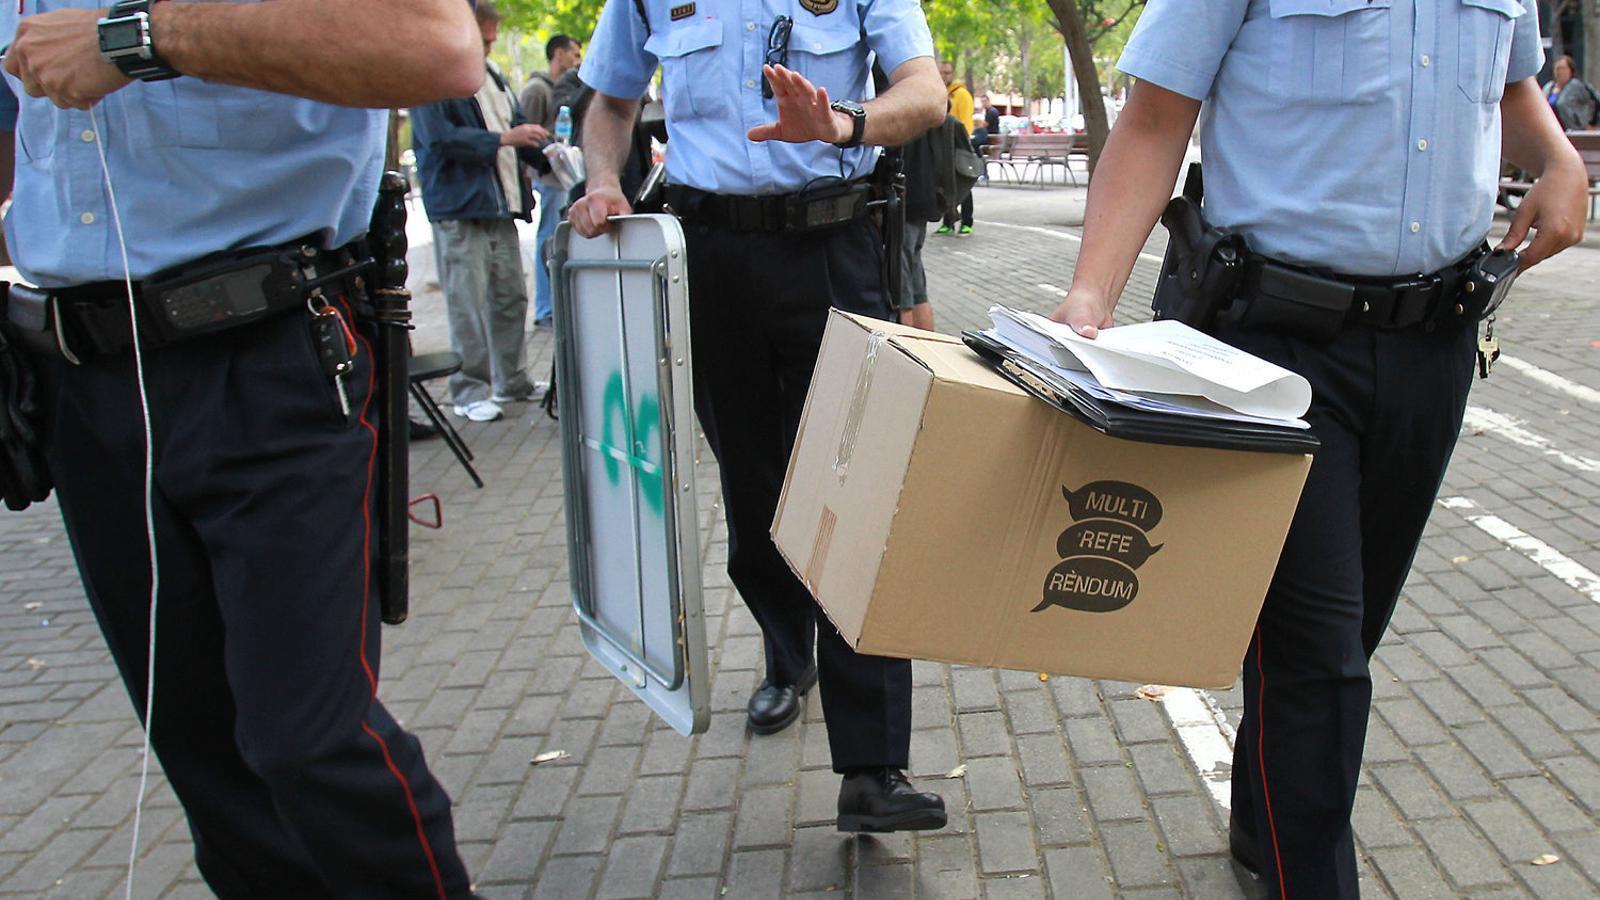 L'Estat activa els cossos policials per impedir el referèndum